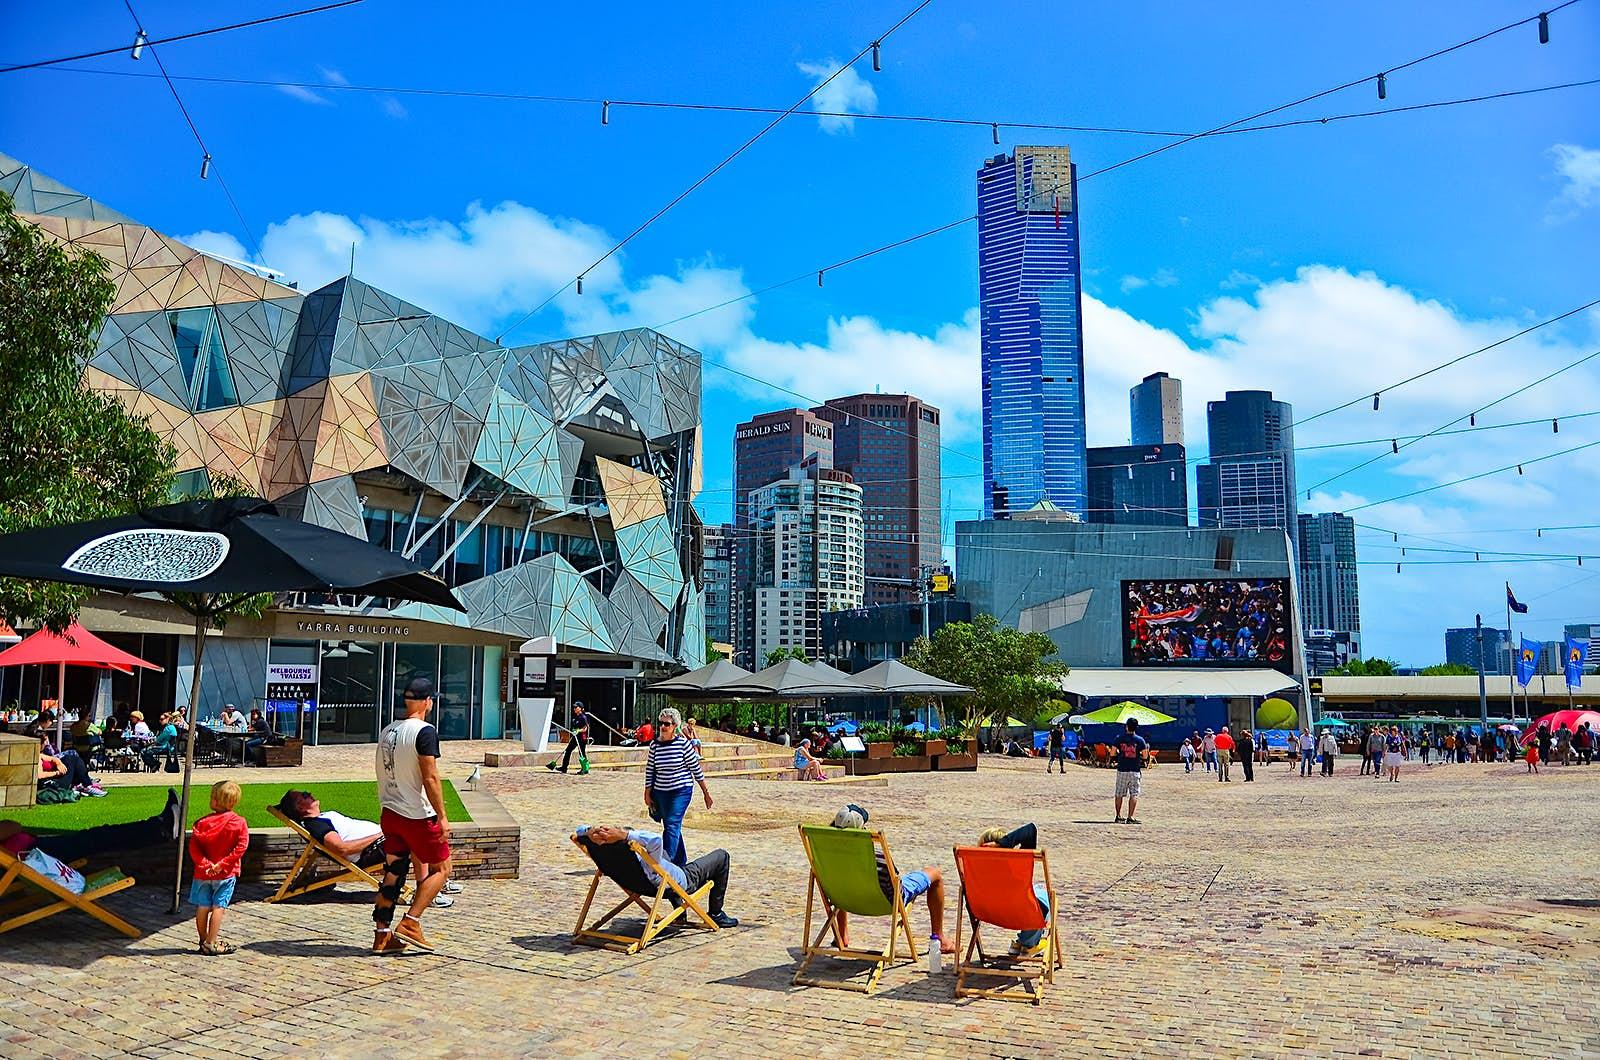 Les touristes sont assis sur des chaises multicolores sur Federation Square. Un bâtiment d'architecture moderne est visible ainsi qu'une ligne d'horizon des tours d'affaires. Melbourne, Australie.